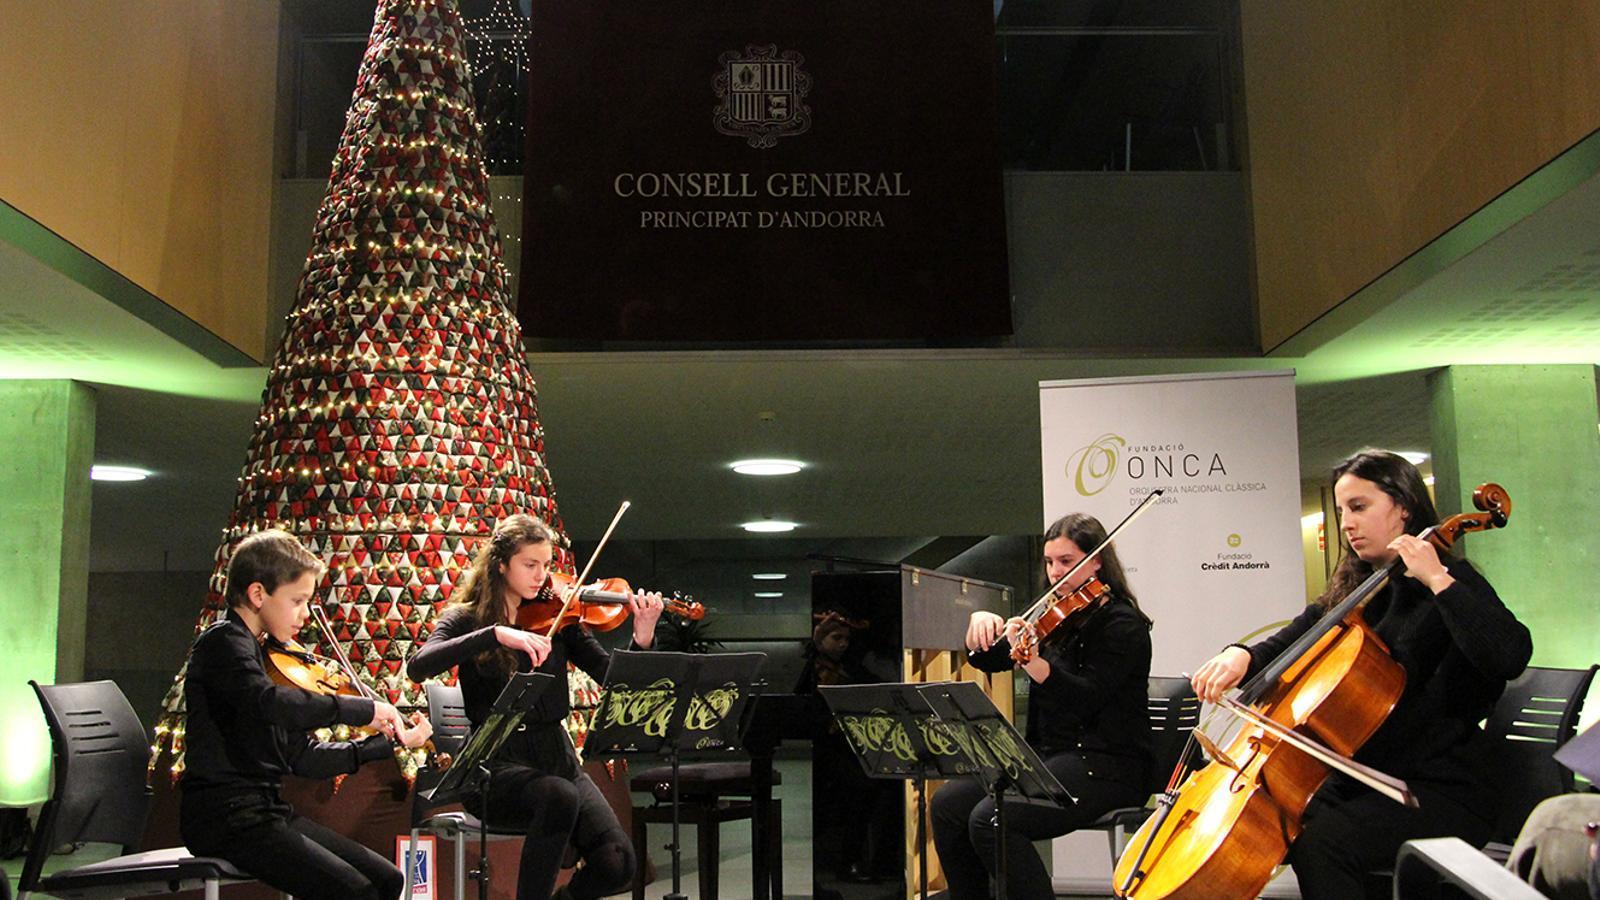 Un moment del concert de la Jonca. / M. M. (ANA)